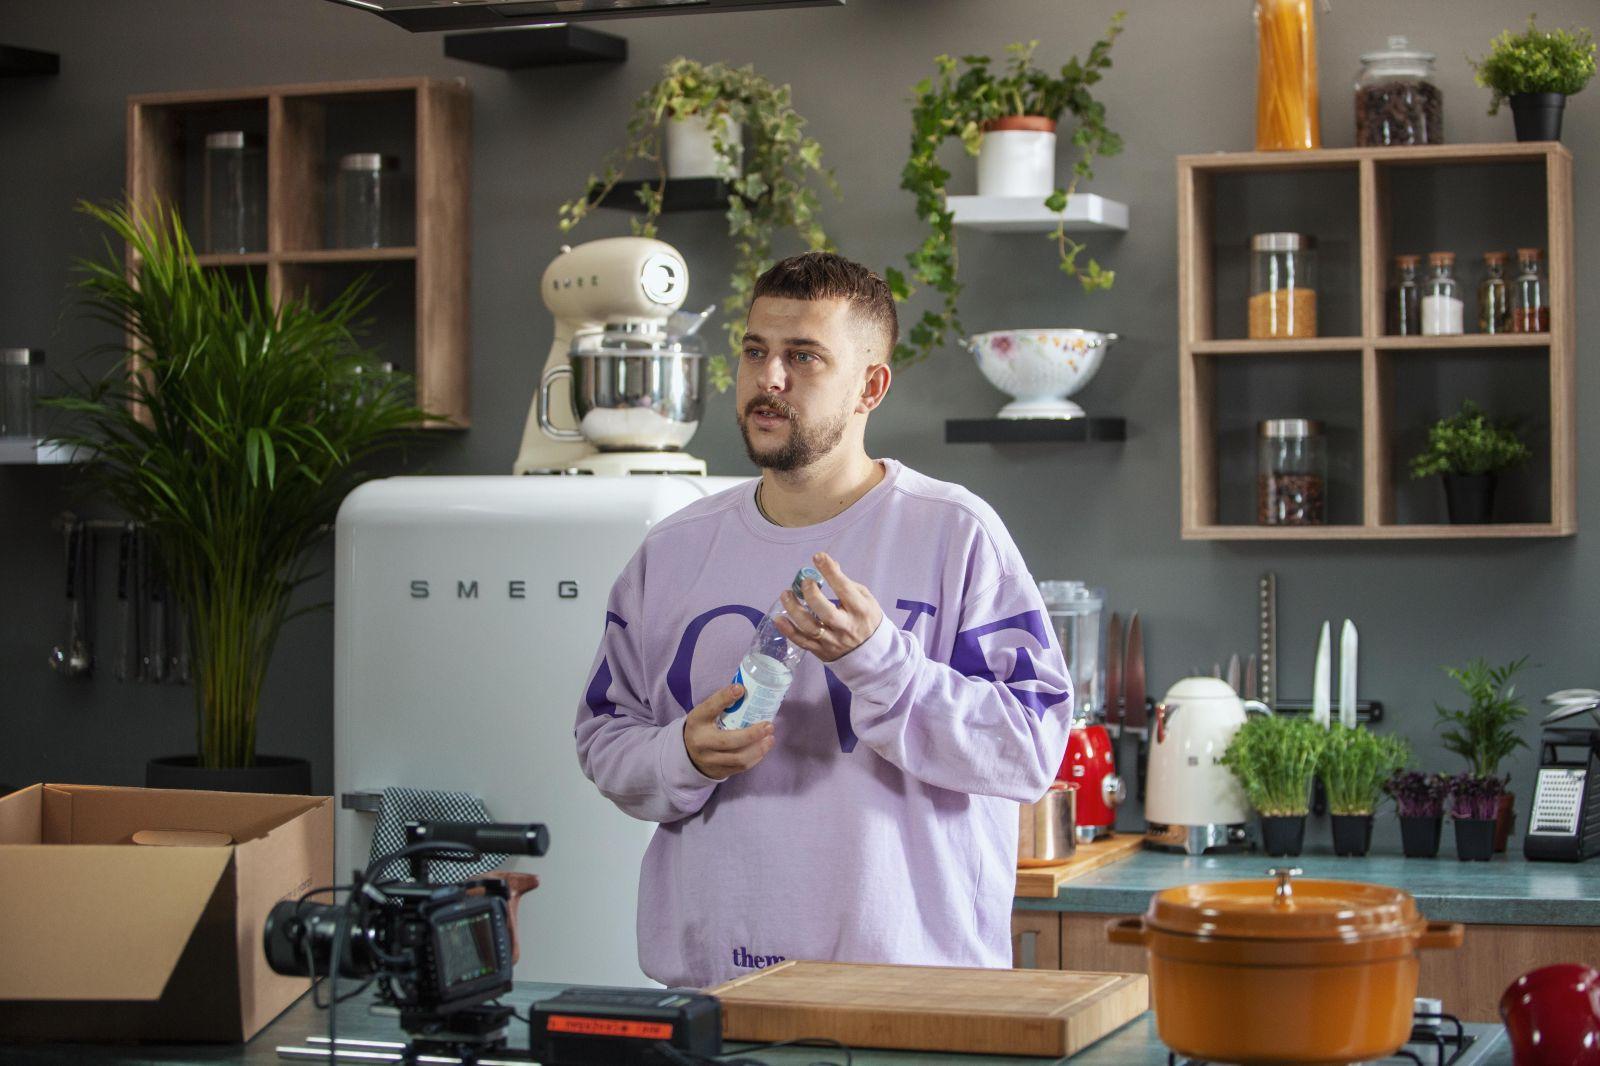 Čo variť, keď je väčšina prevádzok zatvorená? Top šéfkuchár Tomáš Valkovič má pre teba tip